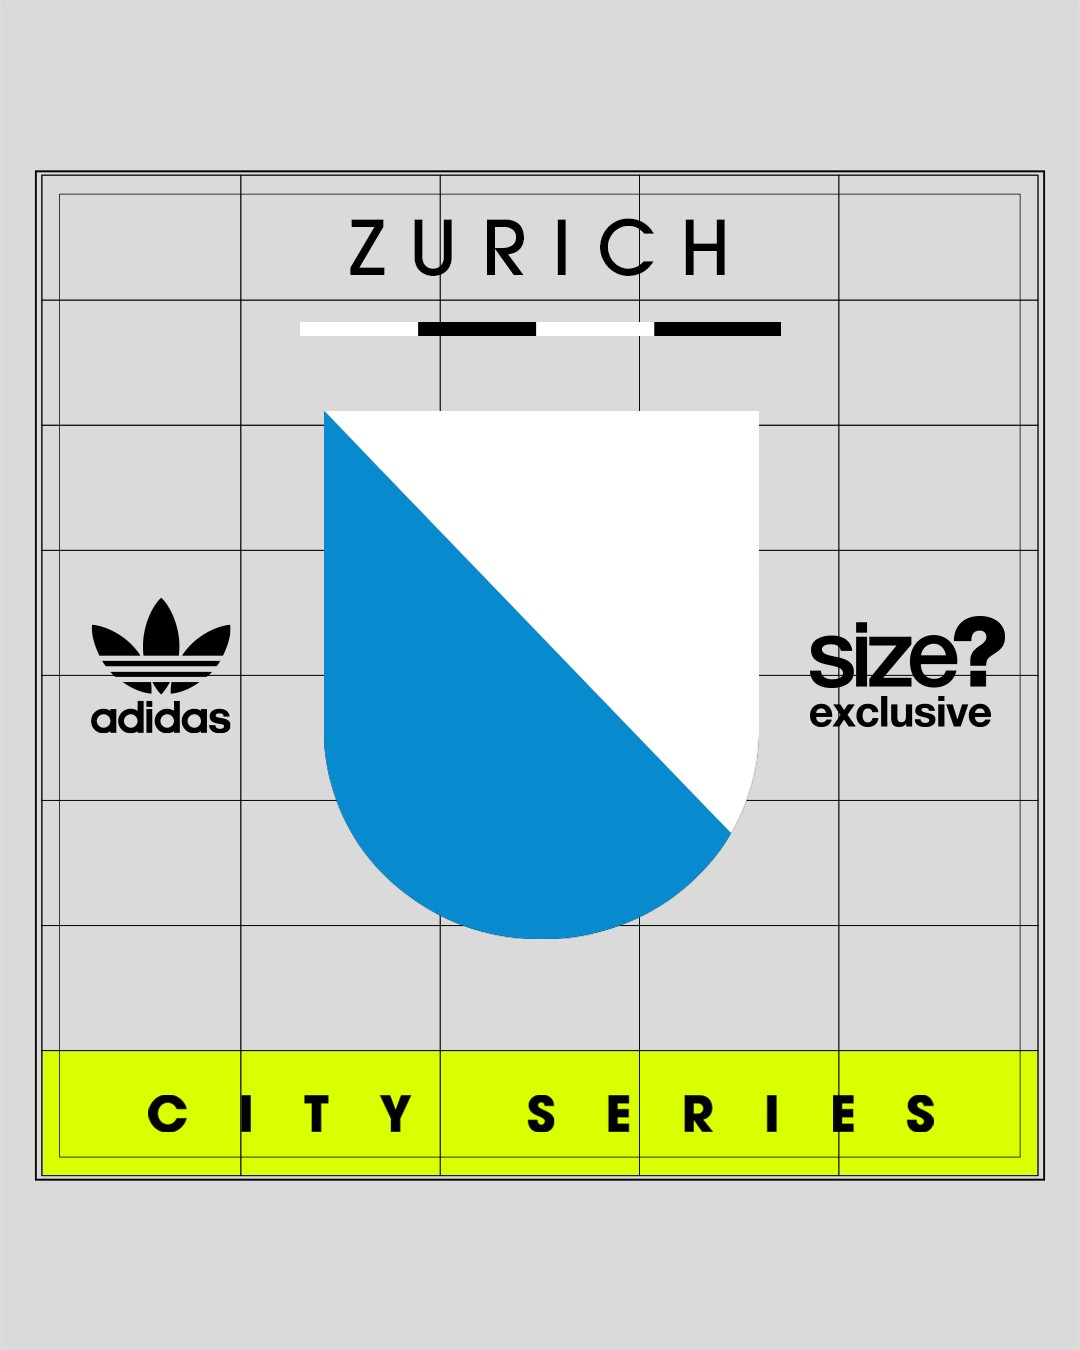 adidas Originals City Series size? Exclusive Zurich OG